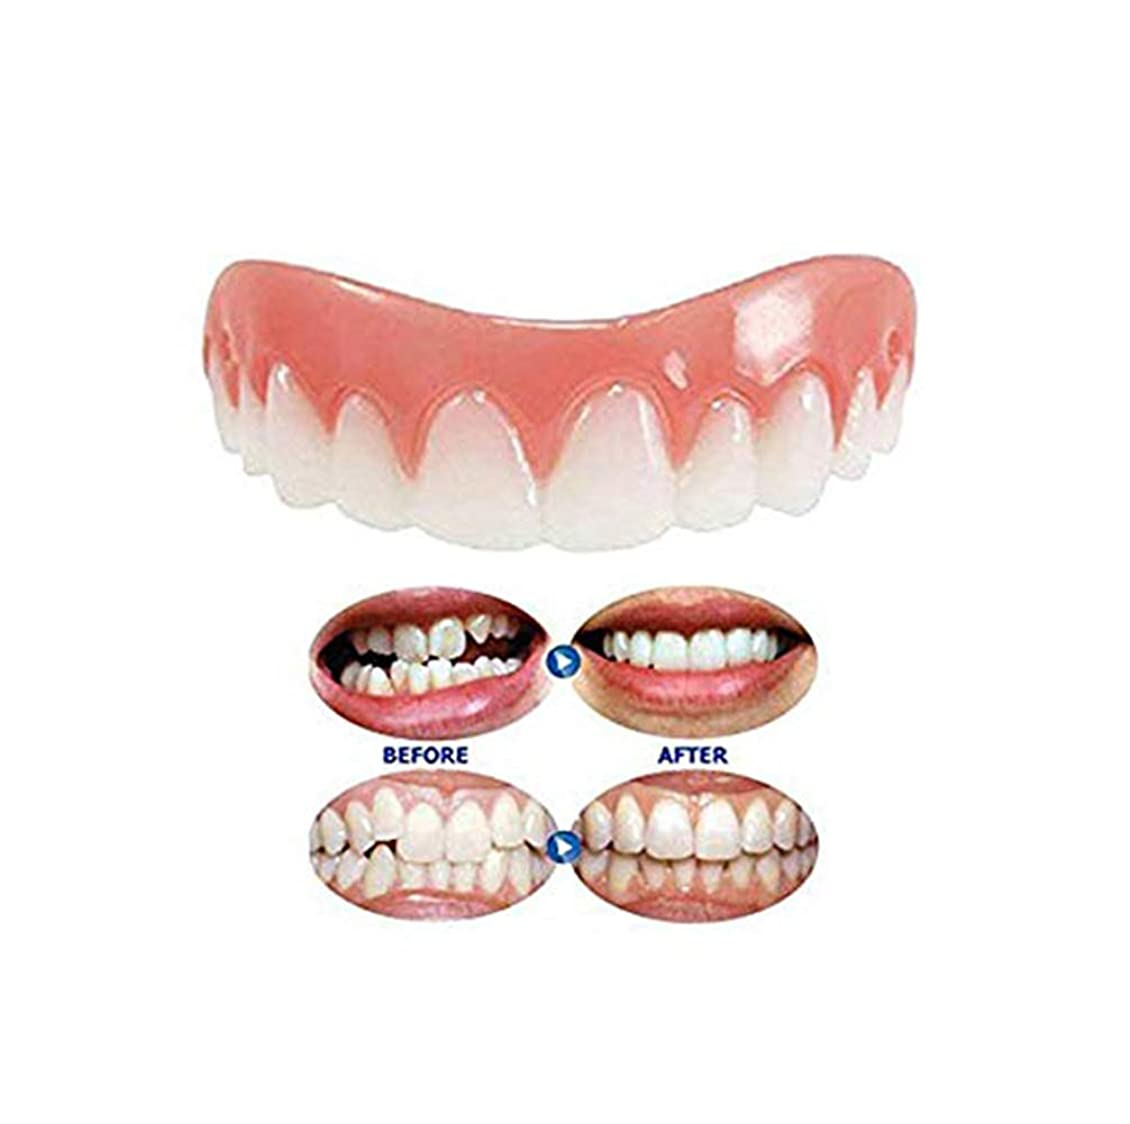 吸う韻慣れる一時的な義歯床義歯の歯のホワイトニング化粧品歯科ベニアパーフェクトスマイルインスタントスマイル歯科快適なトップベニア化粧品